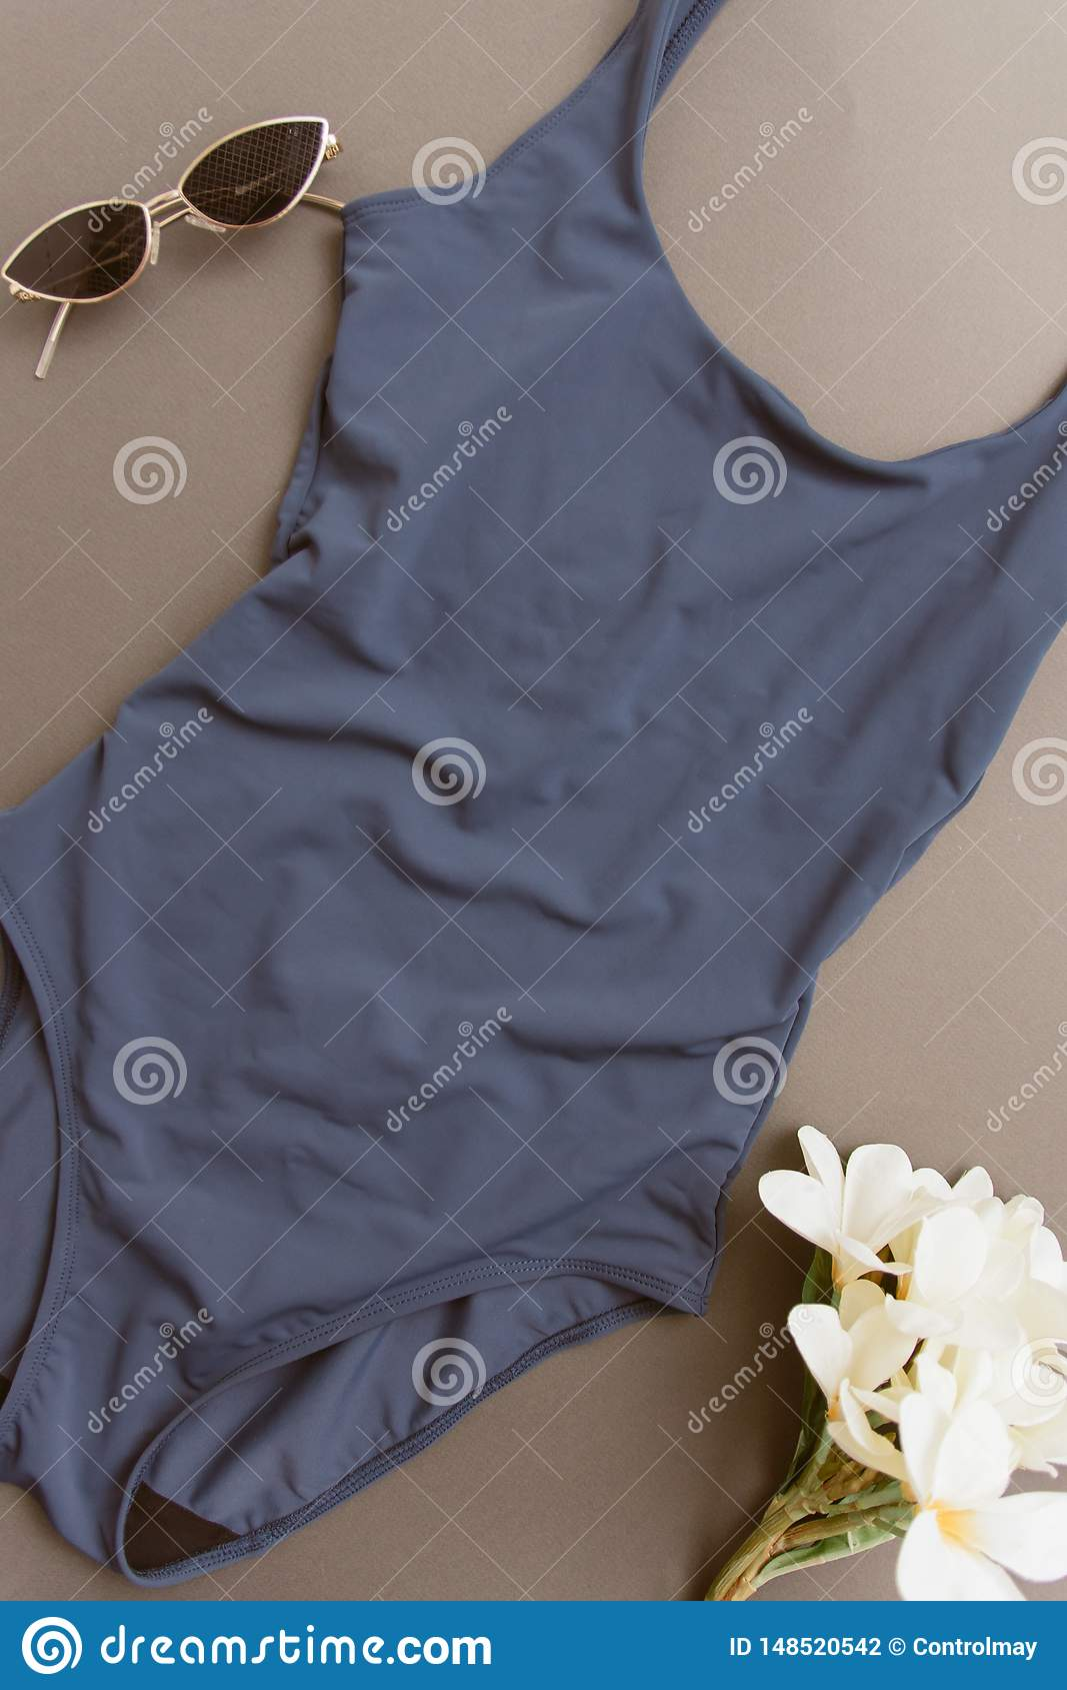 Maillot de bain bleu sur un fond beige